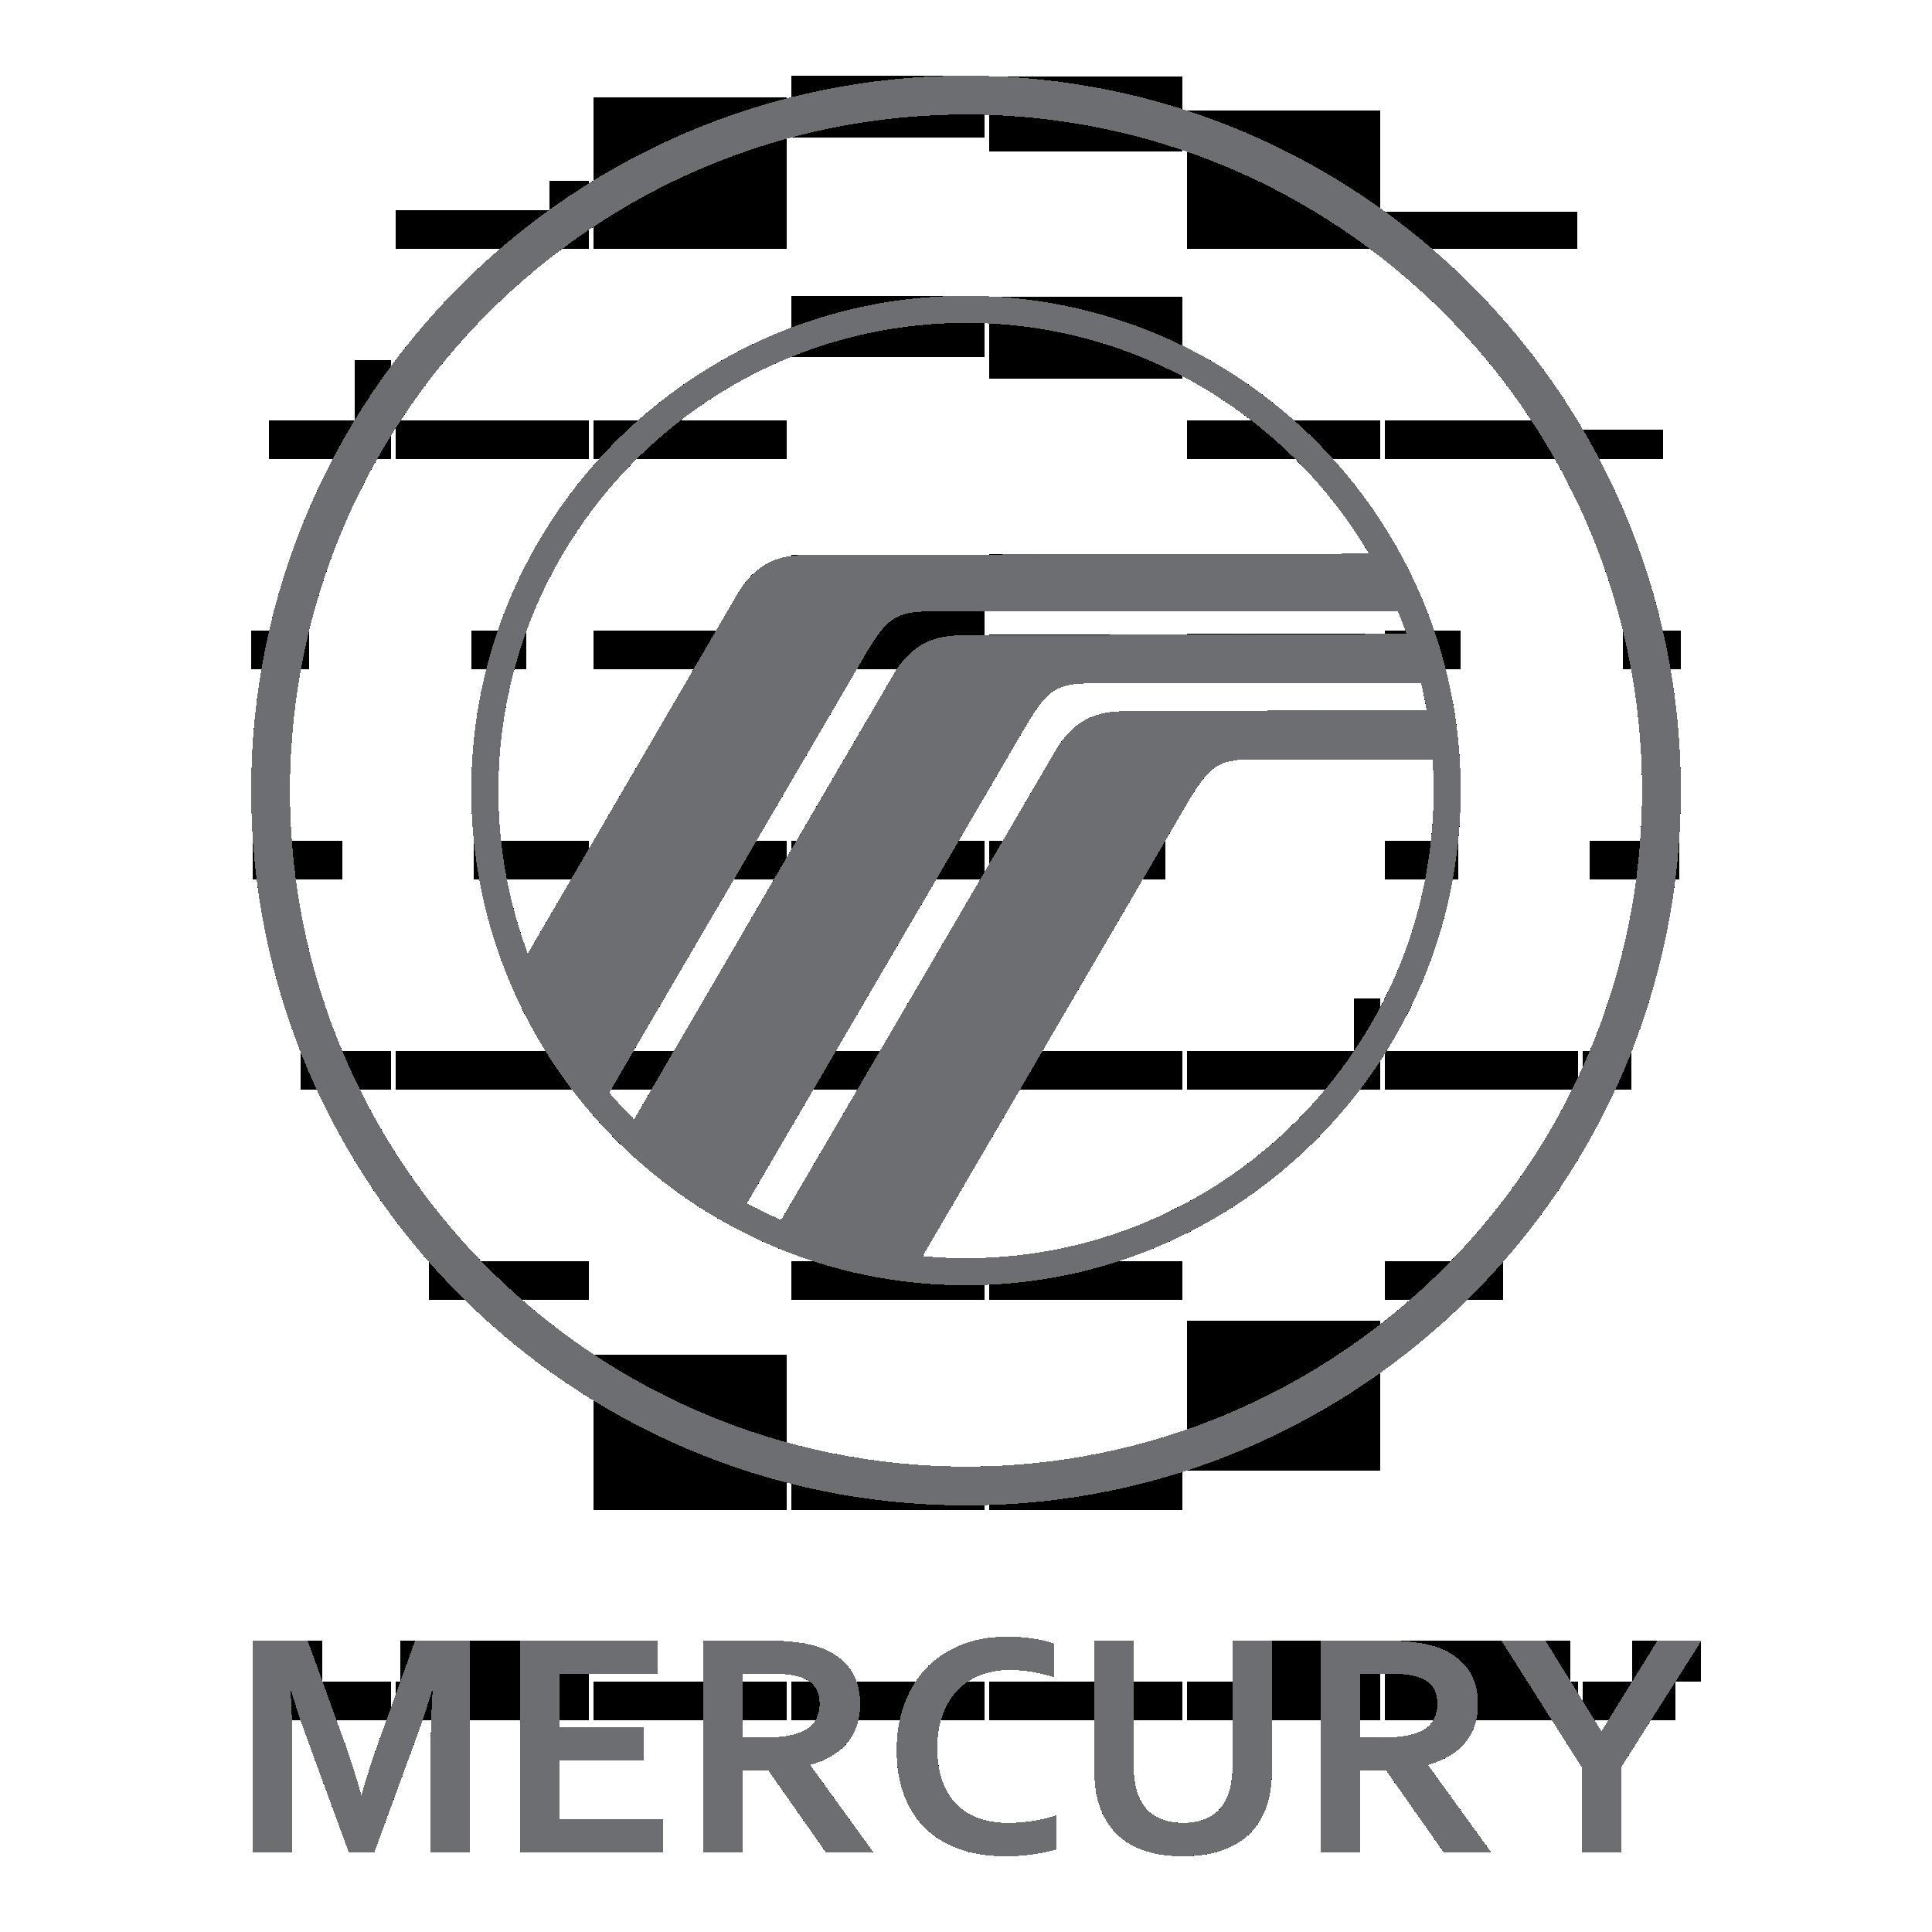 mercury logo hd png meaning information carlogosorg